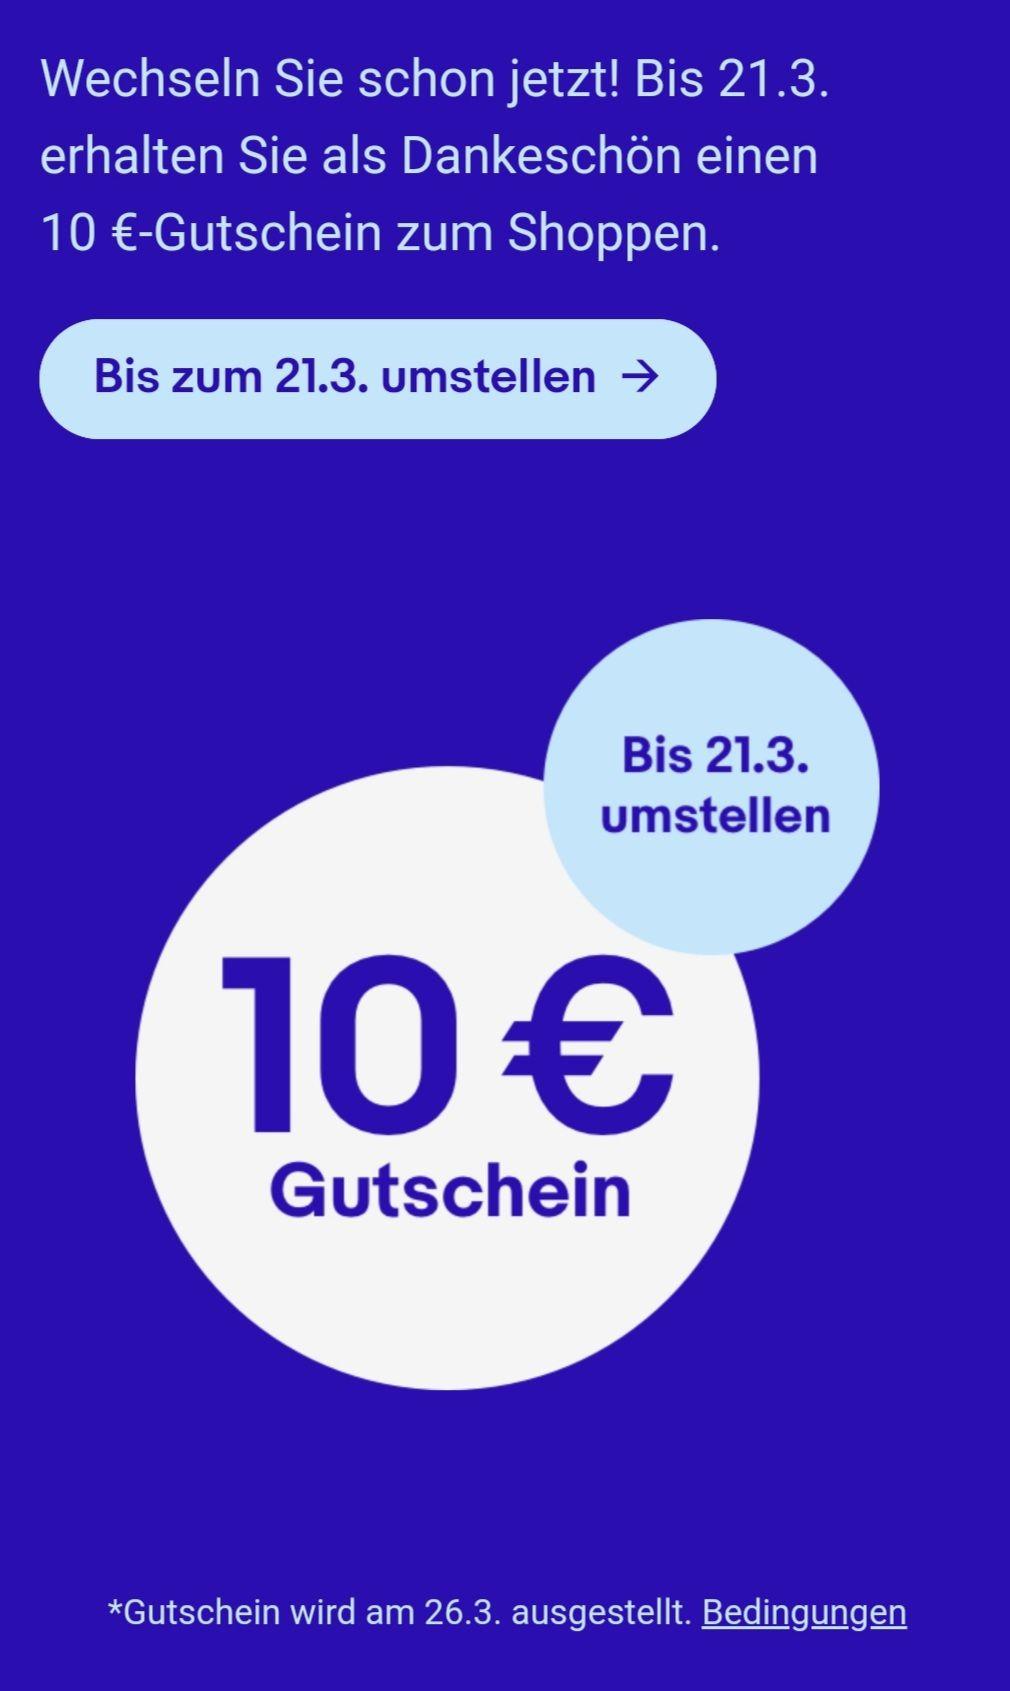 eBay bis 21.3. umstellen & 10 €-Gutschein sichern für eingeladene Verkäufer